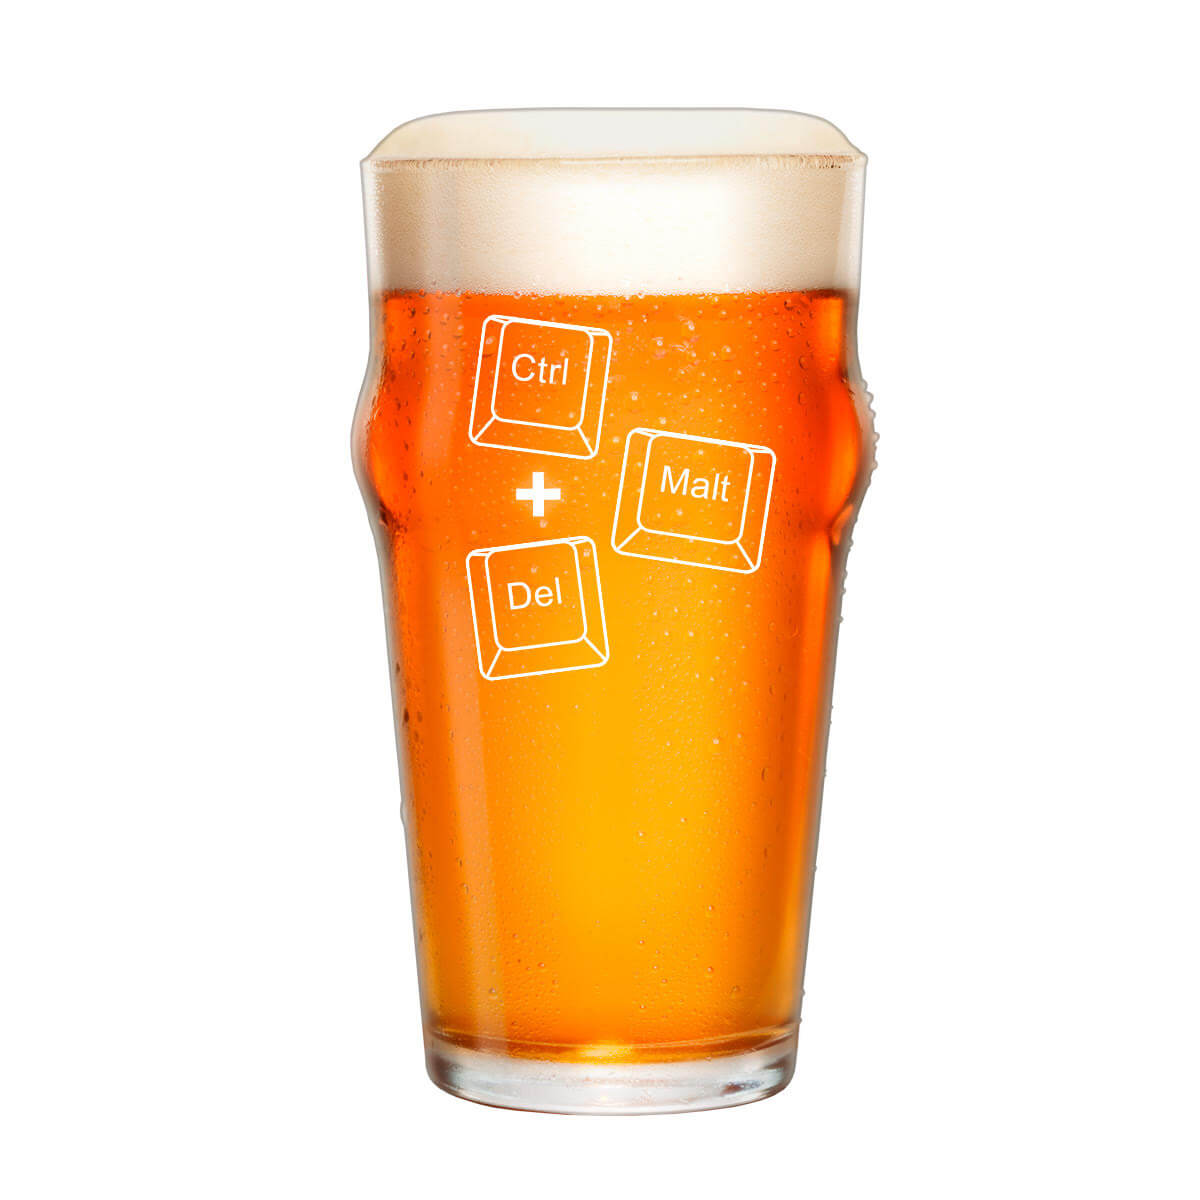 Kit Receita Cerveja CTRL + MALT + DEL – American Blonde Ale